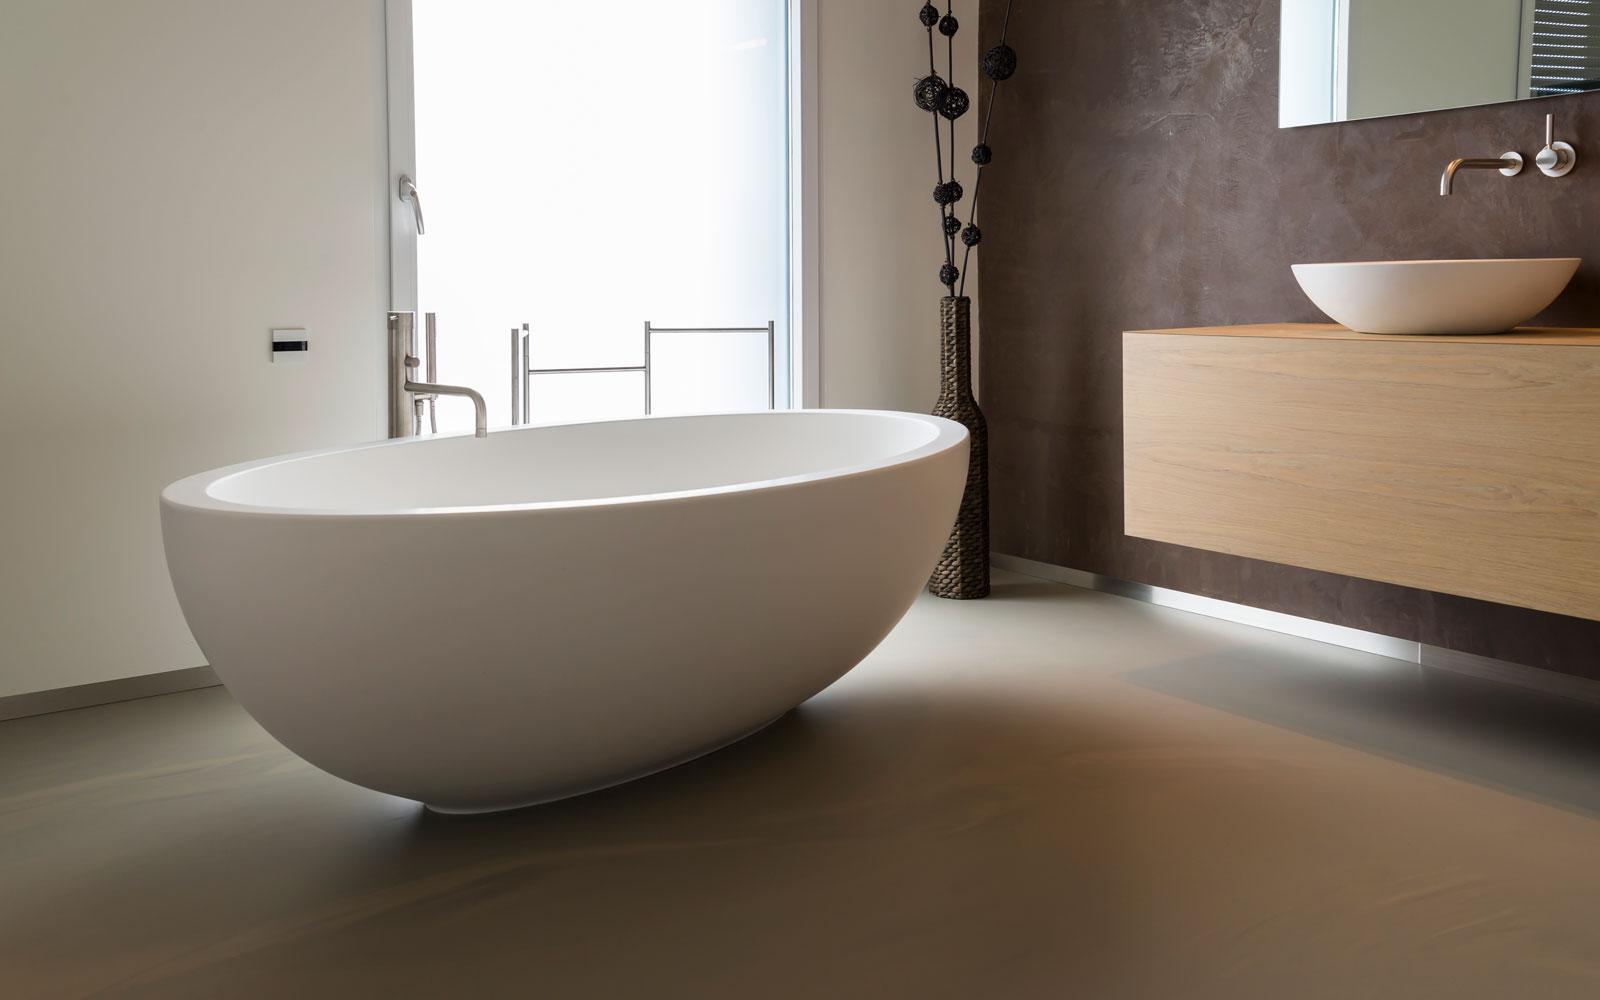 Badkamer, gietvloer, vrijstaand bad, sanitair, moderne uitbouw, Lautenbag Architectuur